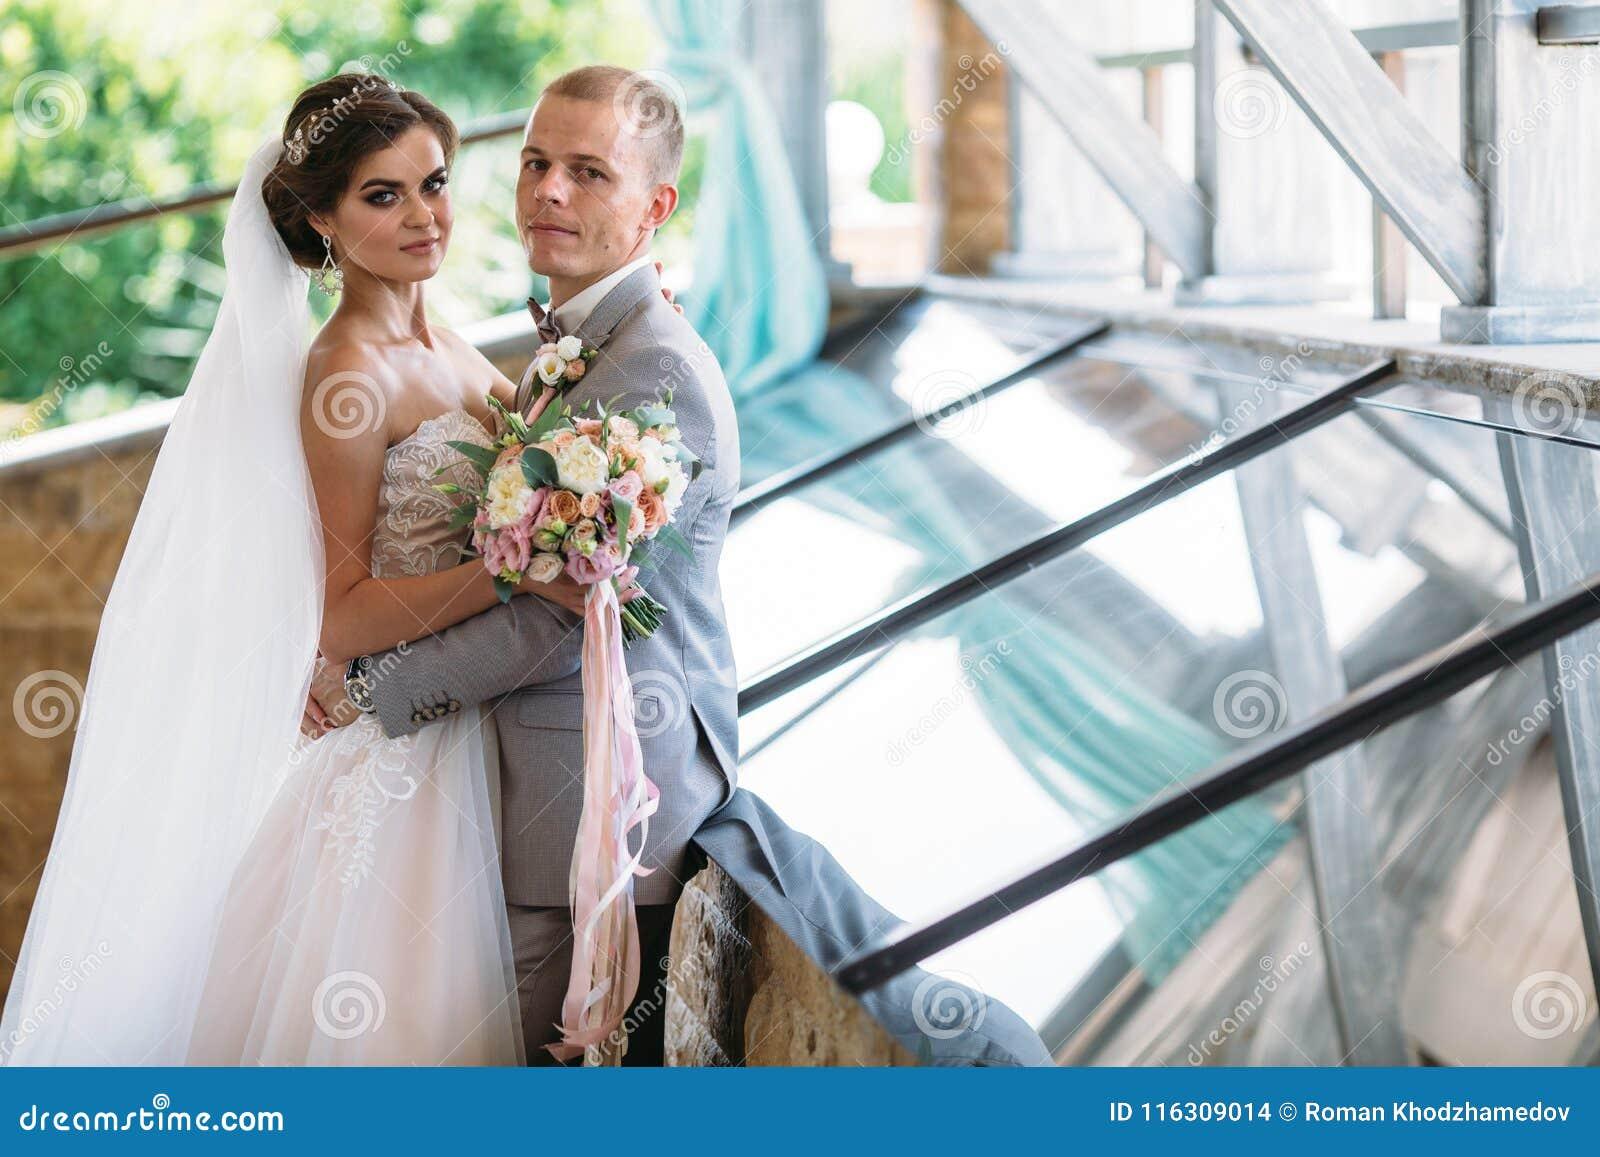 Stående av nygifta personer på bröllopdag Brudgummen i en grå dräkt med en vit skjorta och en fluga kramar en härlig brud